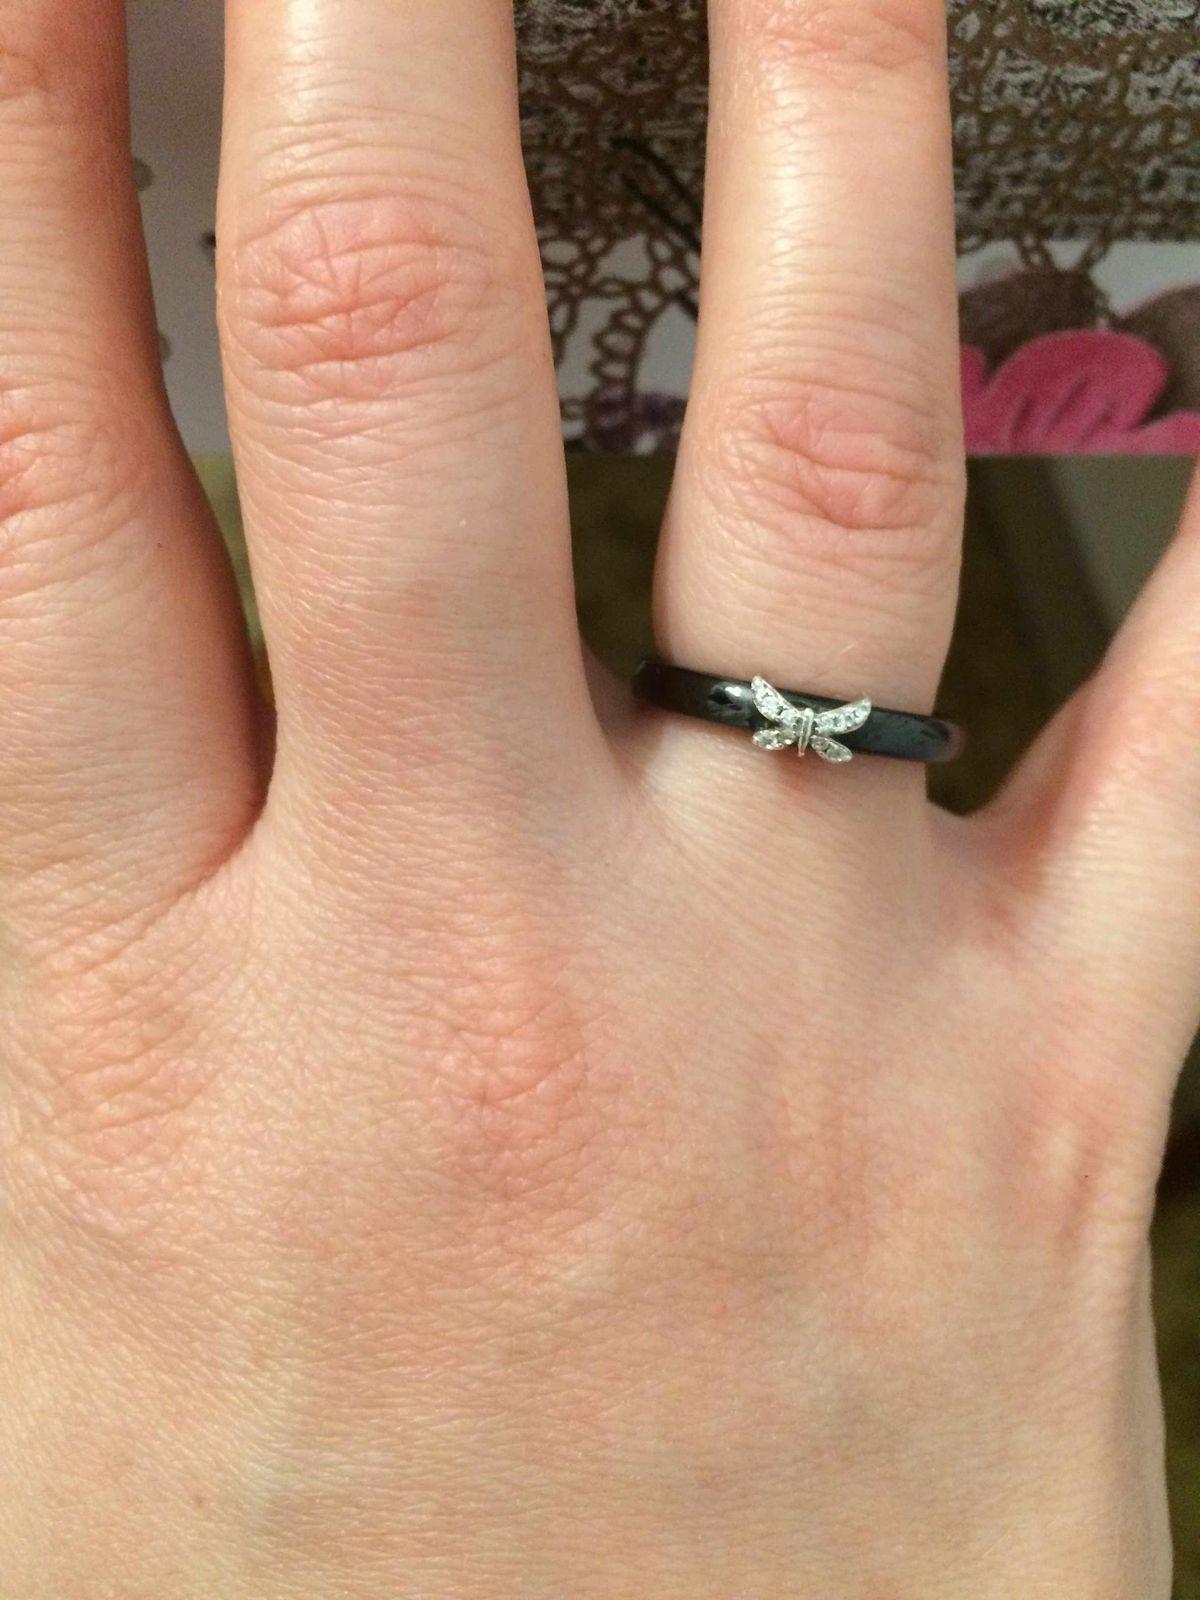 Моя маленькая стрекоза на пальце))